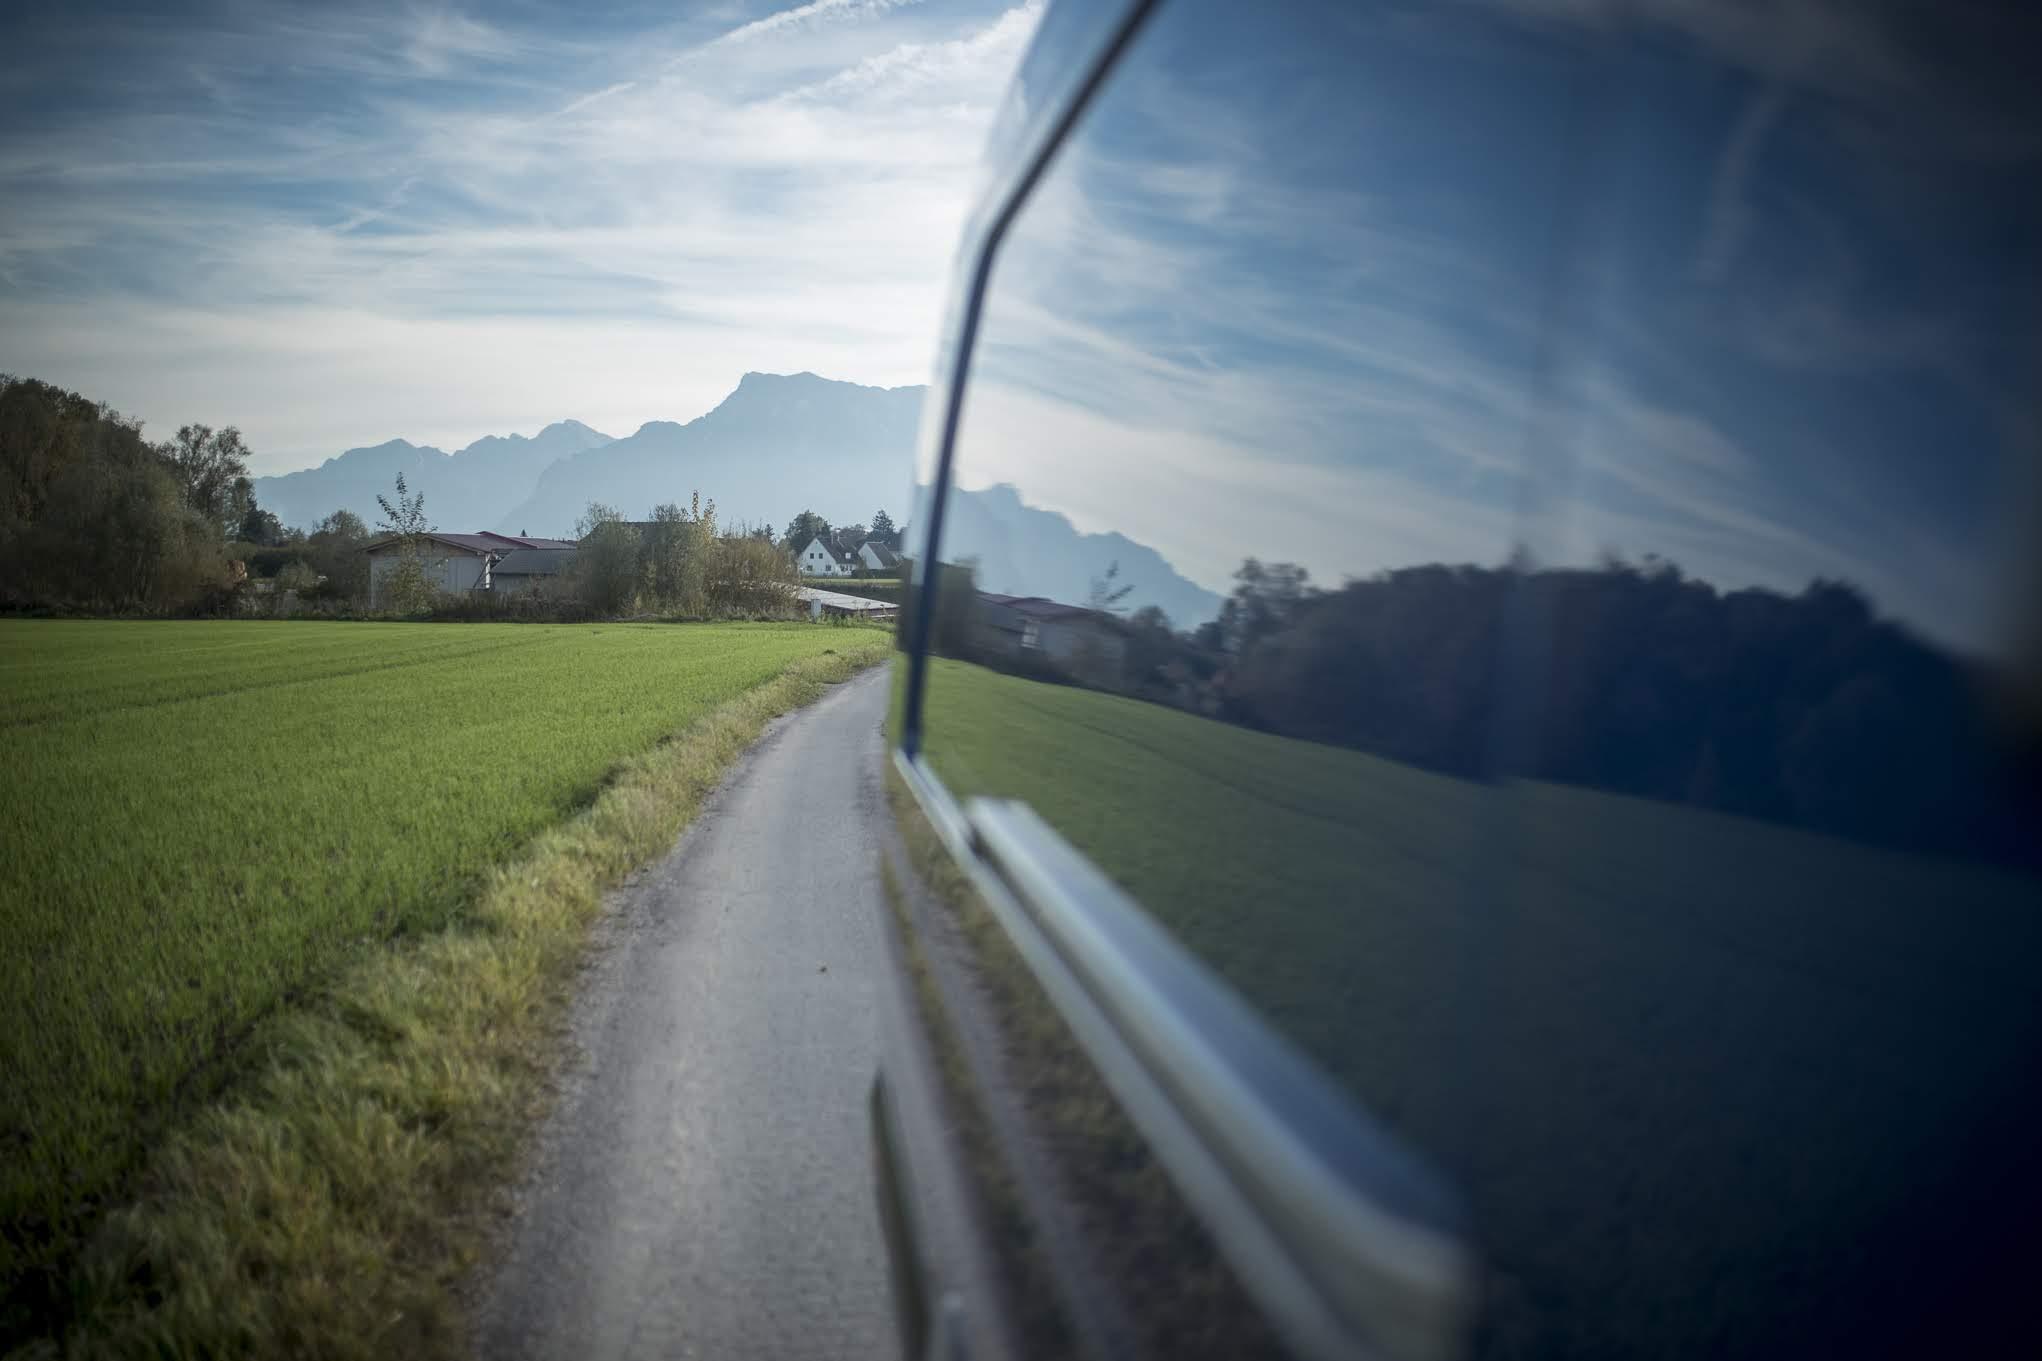 vr motorhomes freilassing 83395 untersberg wohnmobil ausbauer umbauer kastenwagen nutzfahrzeuge